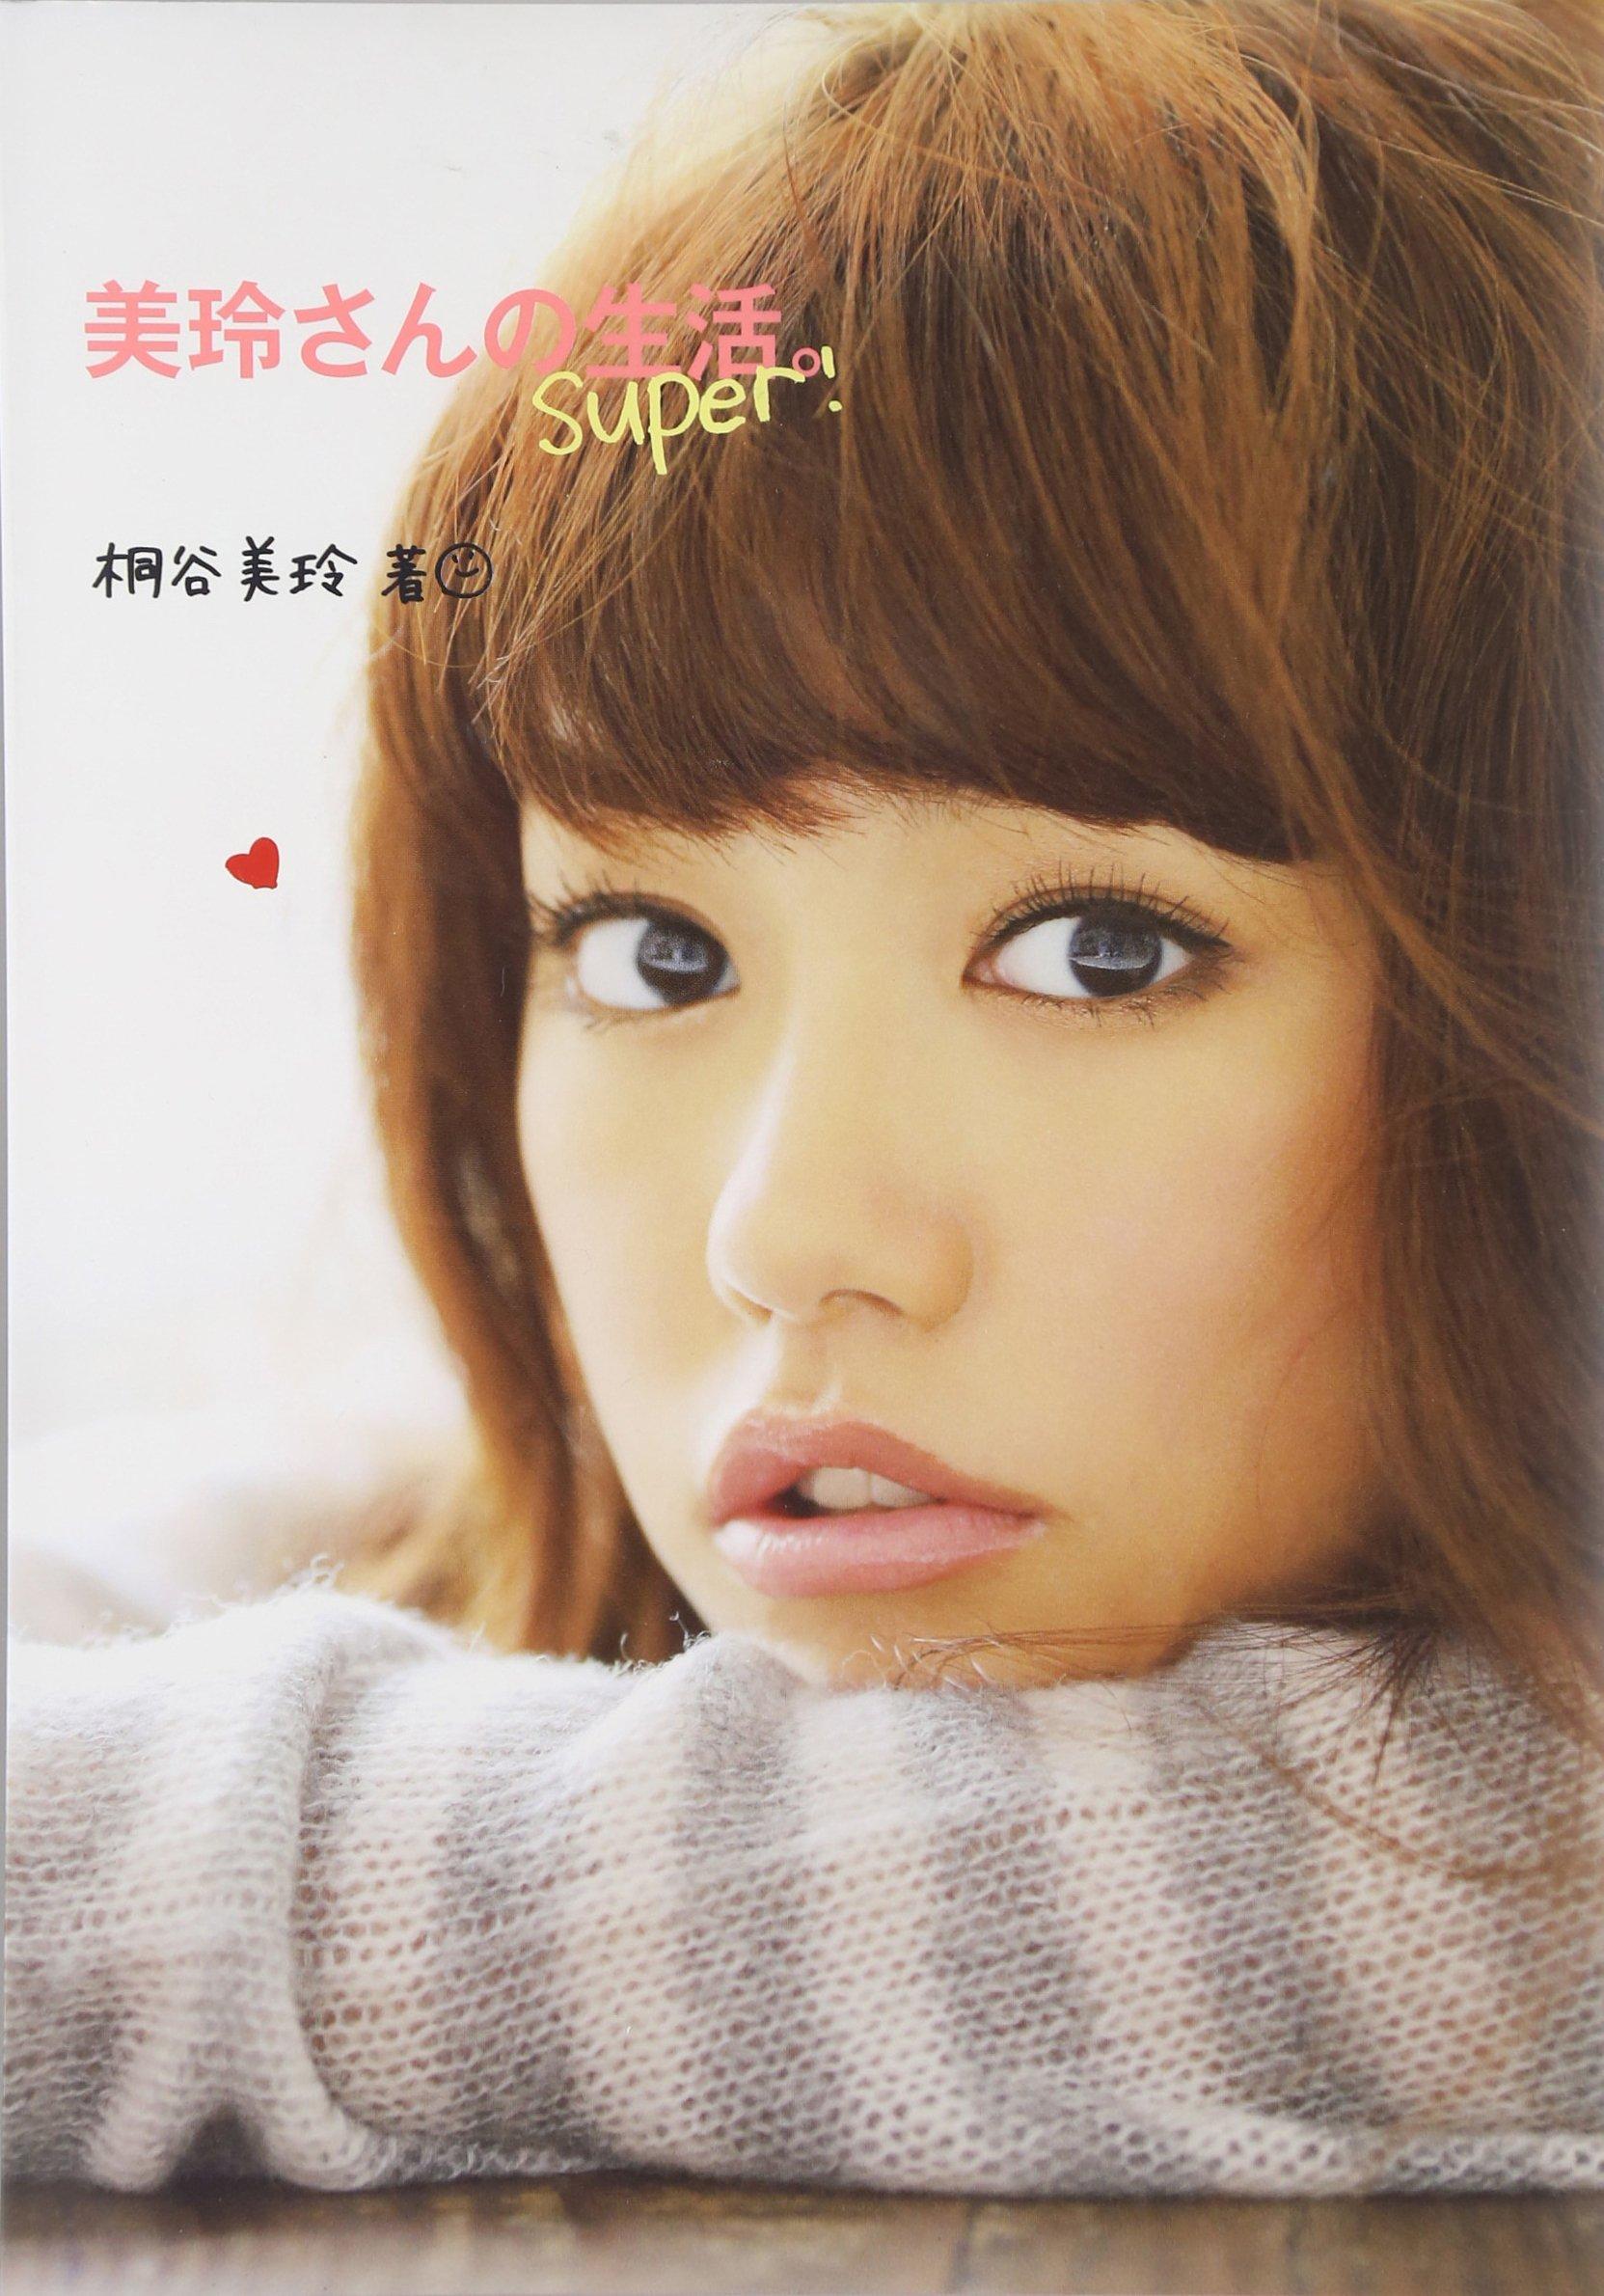 桐谷美玲 美玲さんの生活。super! (美玲さんの生活。) | 桐谷 美玲 |本 | 通販 | Amazon